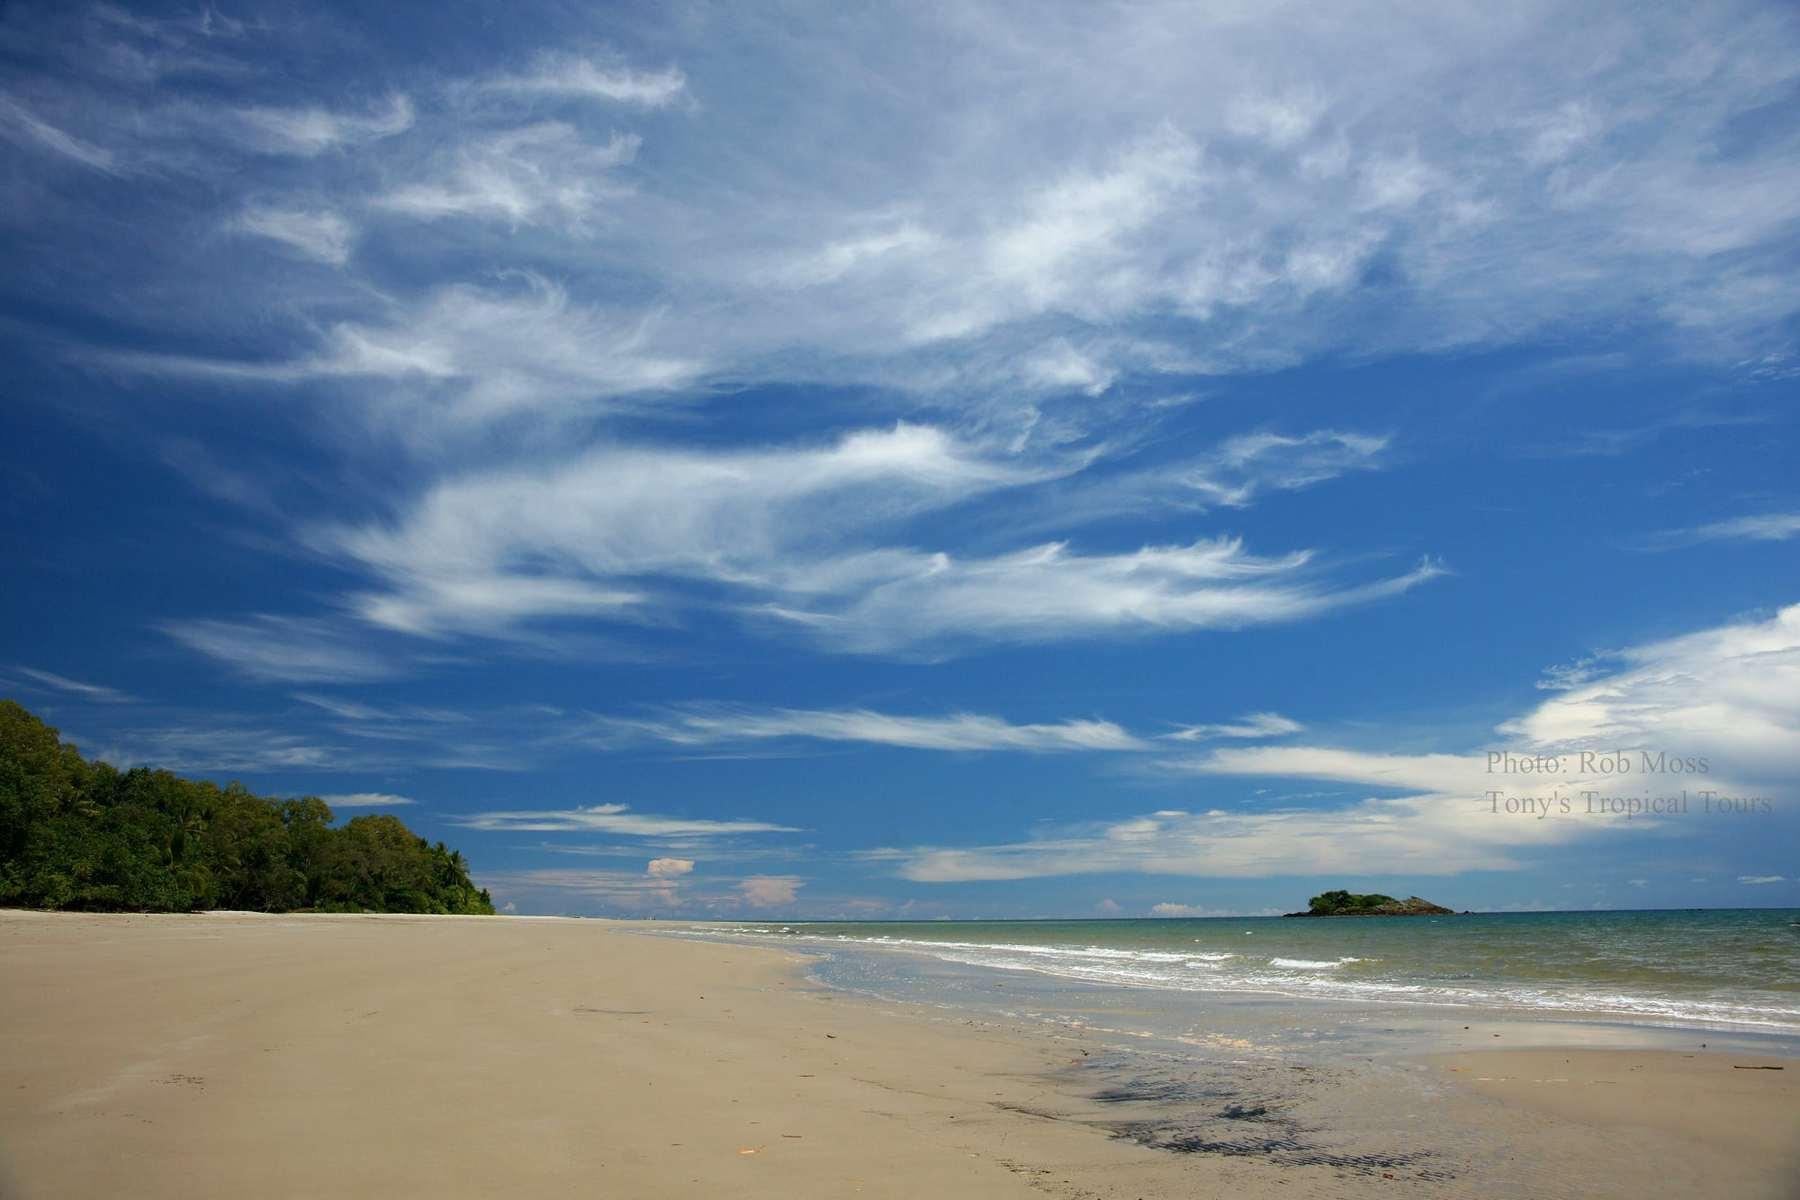 Daintree Rainforest Tony S Tropical Tours Adventures